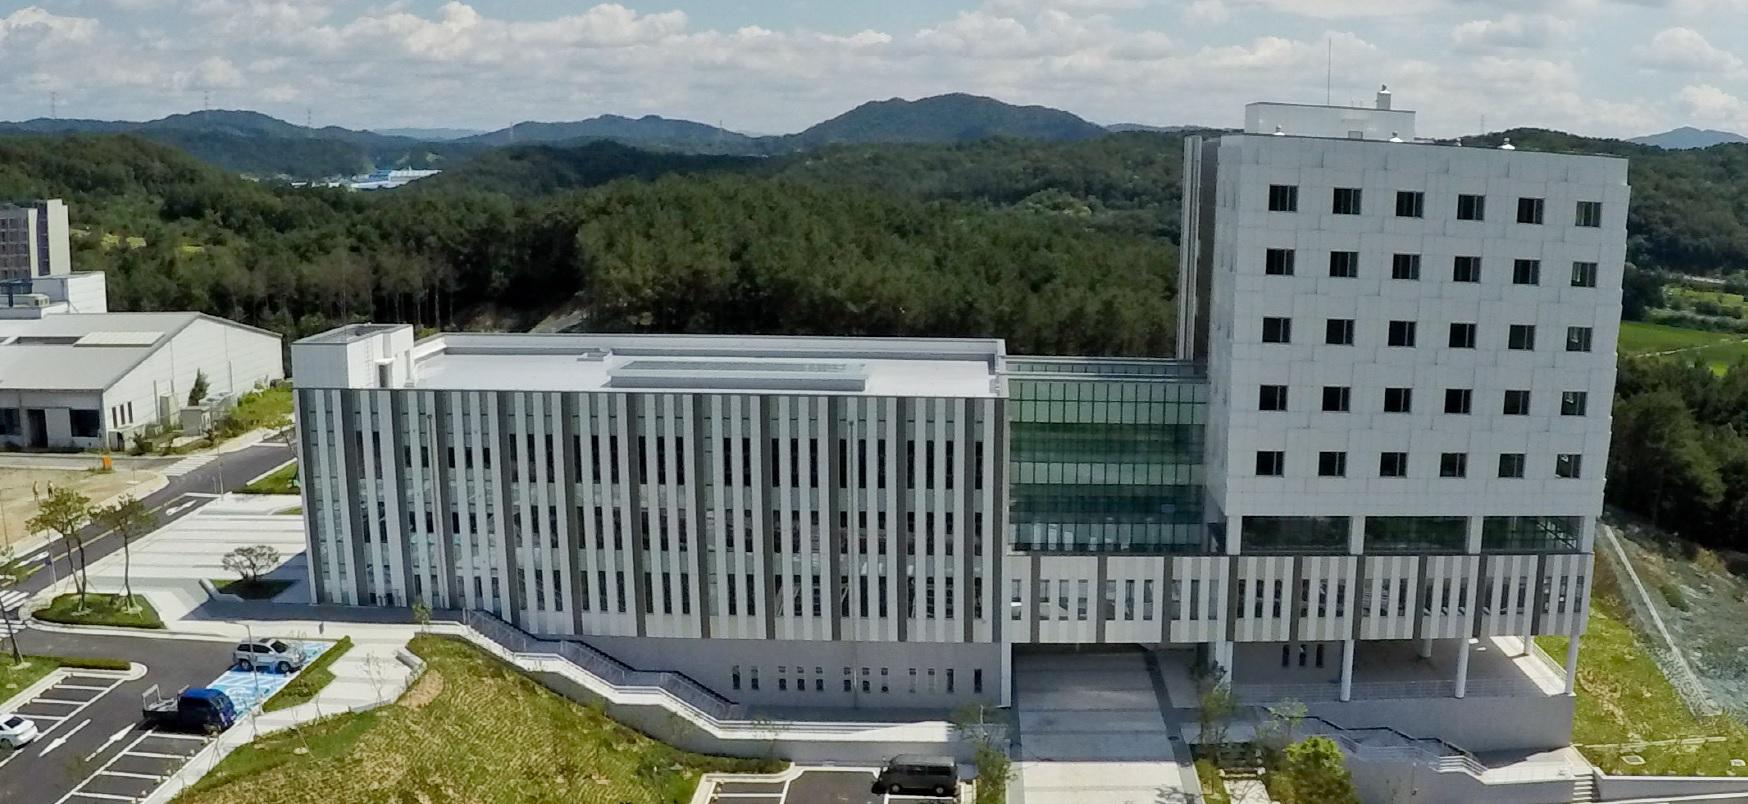 [경향신문]'몰입형 가상현실 연구' 코리아텍